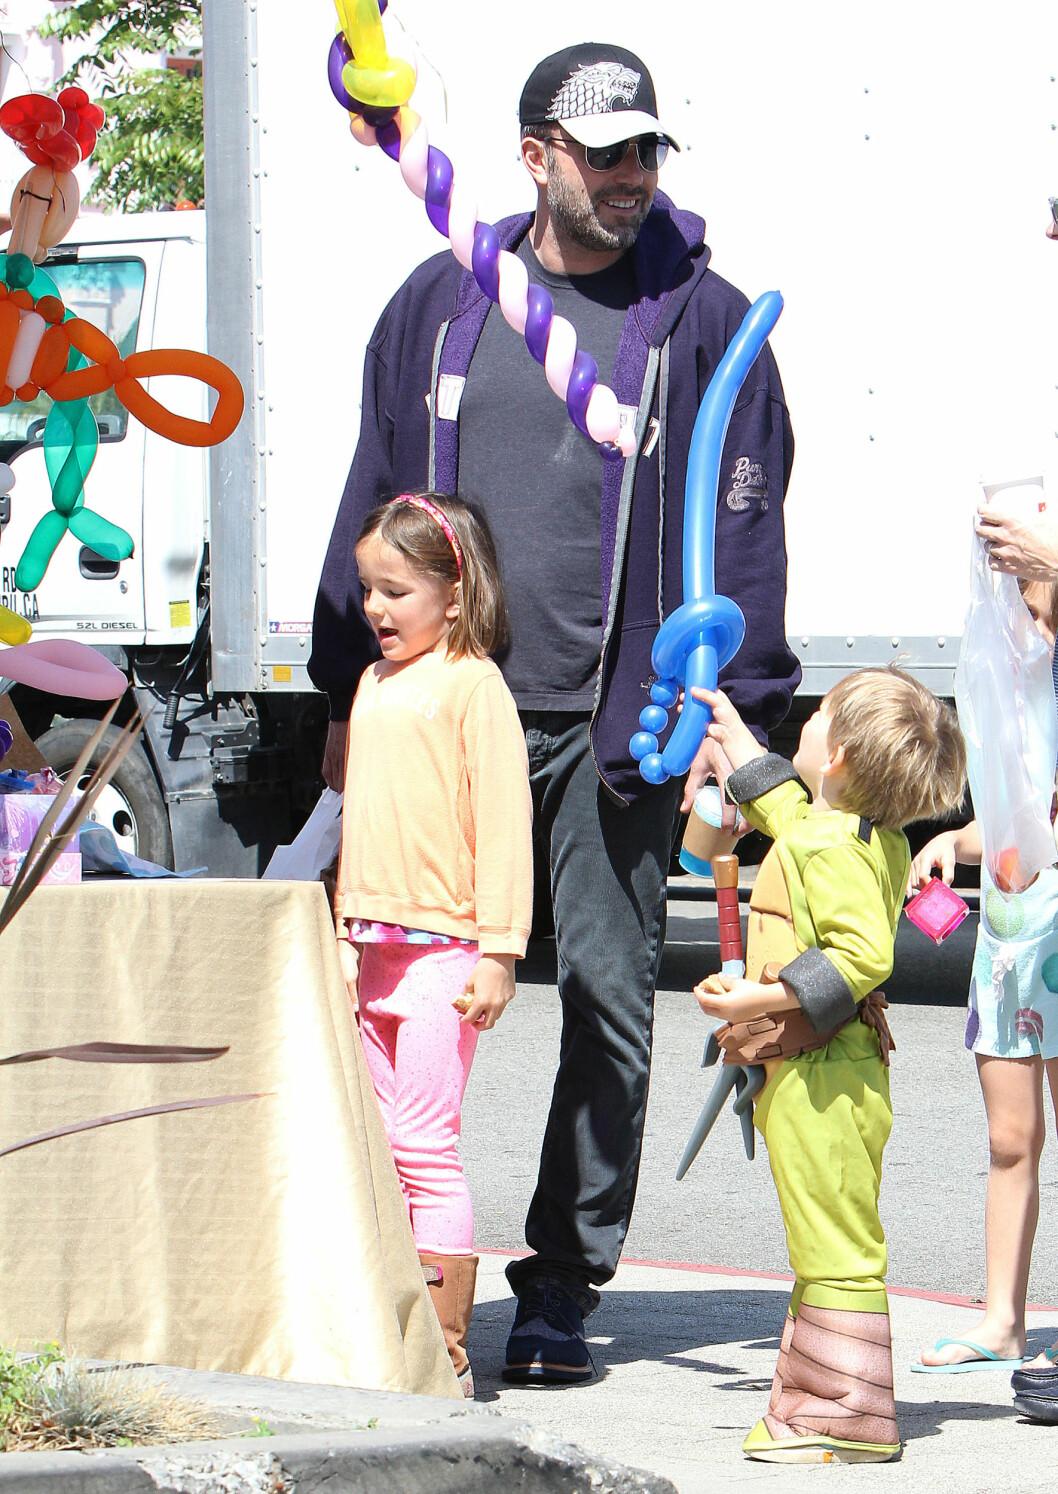 <strong>SOMMEREN 2015:</strong> En smilende Ben Affleck sammen med barna Seraphina og Samuel på bondens marked i nabolaget sitt, bydelen Brentwood i L.A. Få uker senere ble bruddet mellom Ben og Jennifer kjent.  Foto: Broadimage